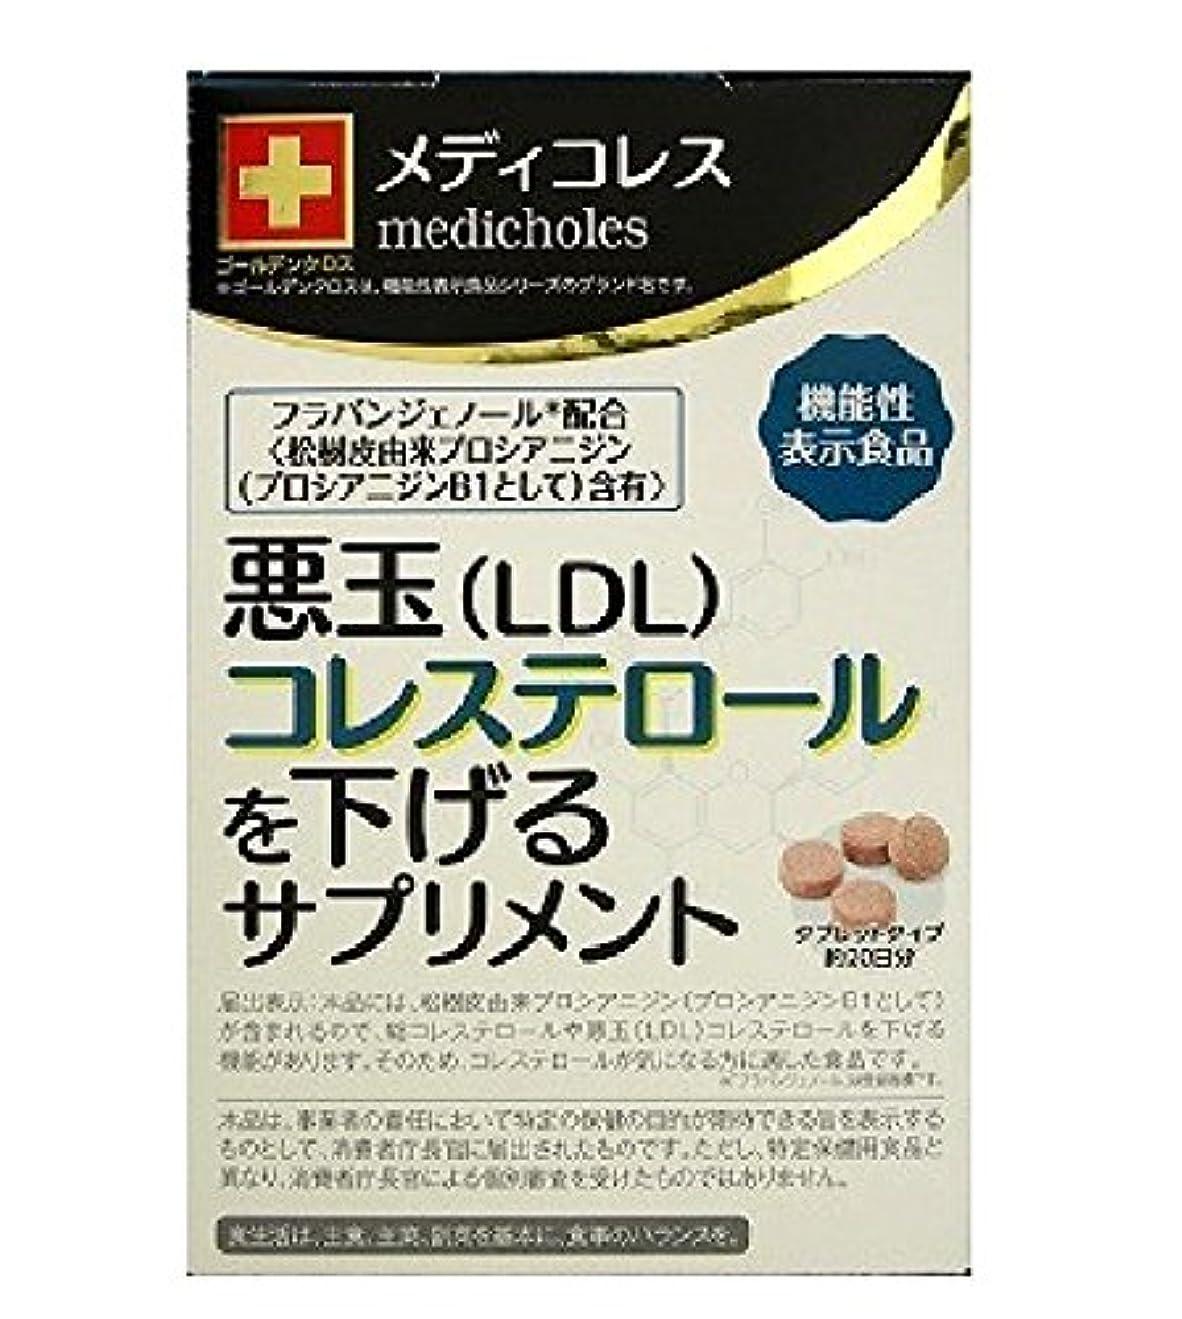 有限提供費用東洋新薬 メディコレス 250mgx80粒 [機能性表示食品]